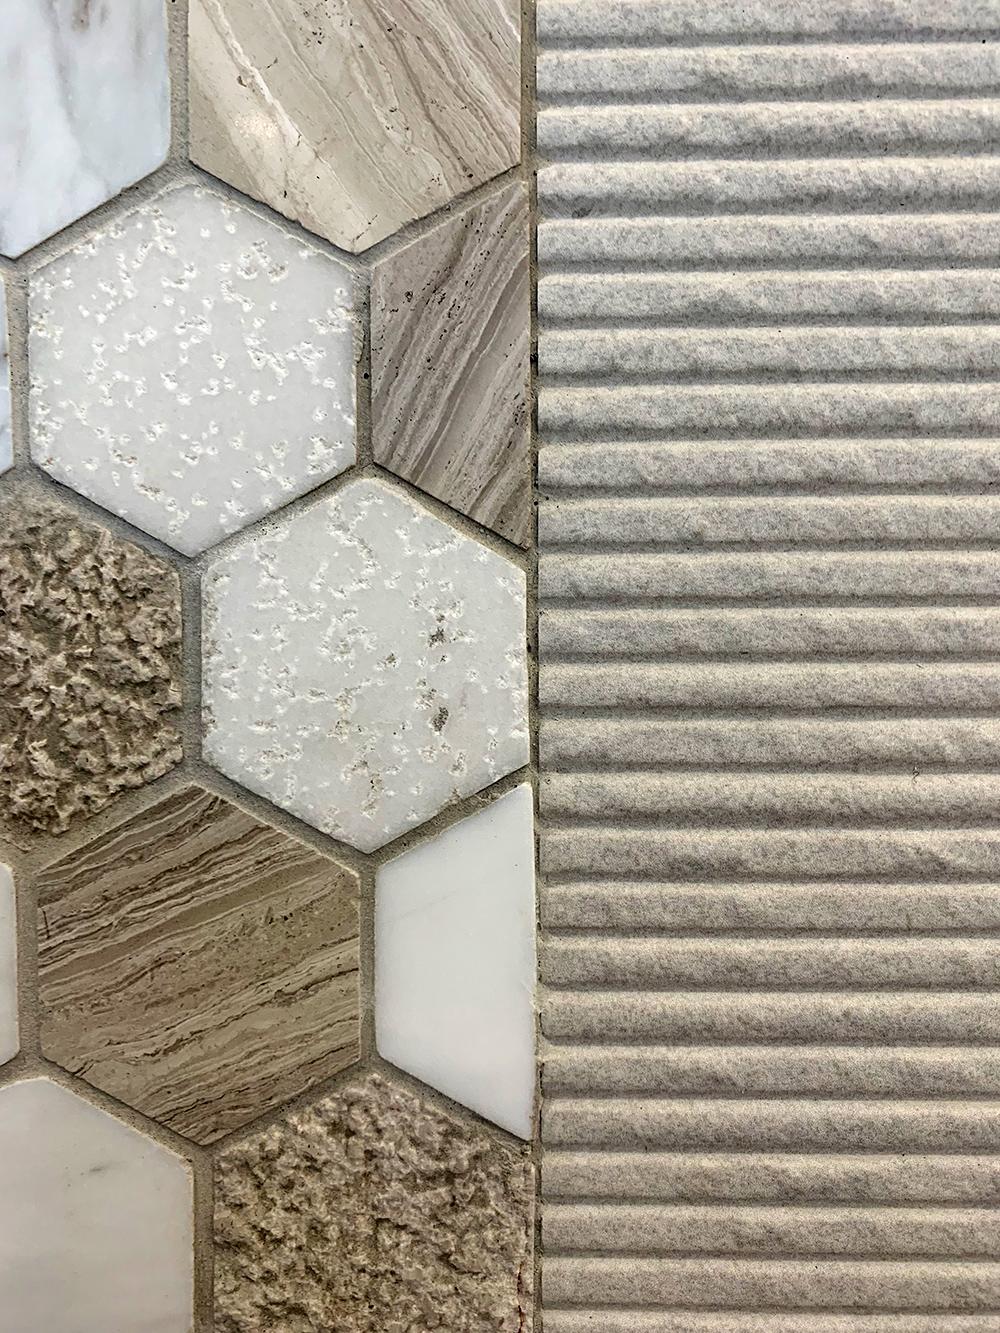 rediseño-de-baño-mosaico.jpg